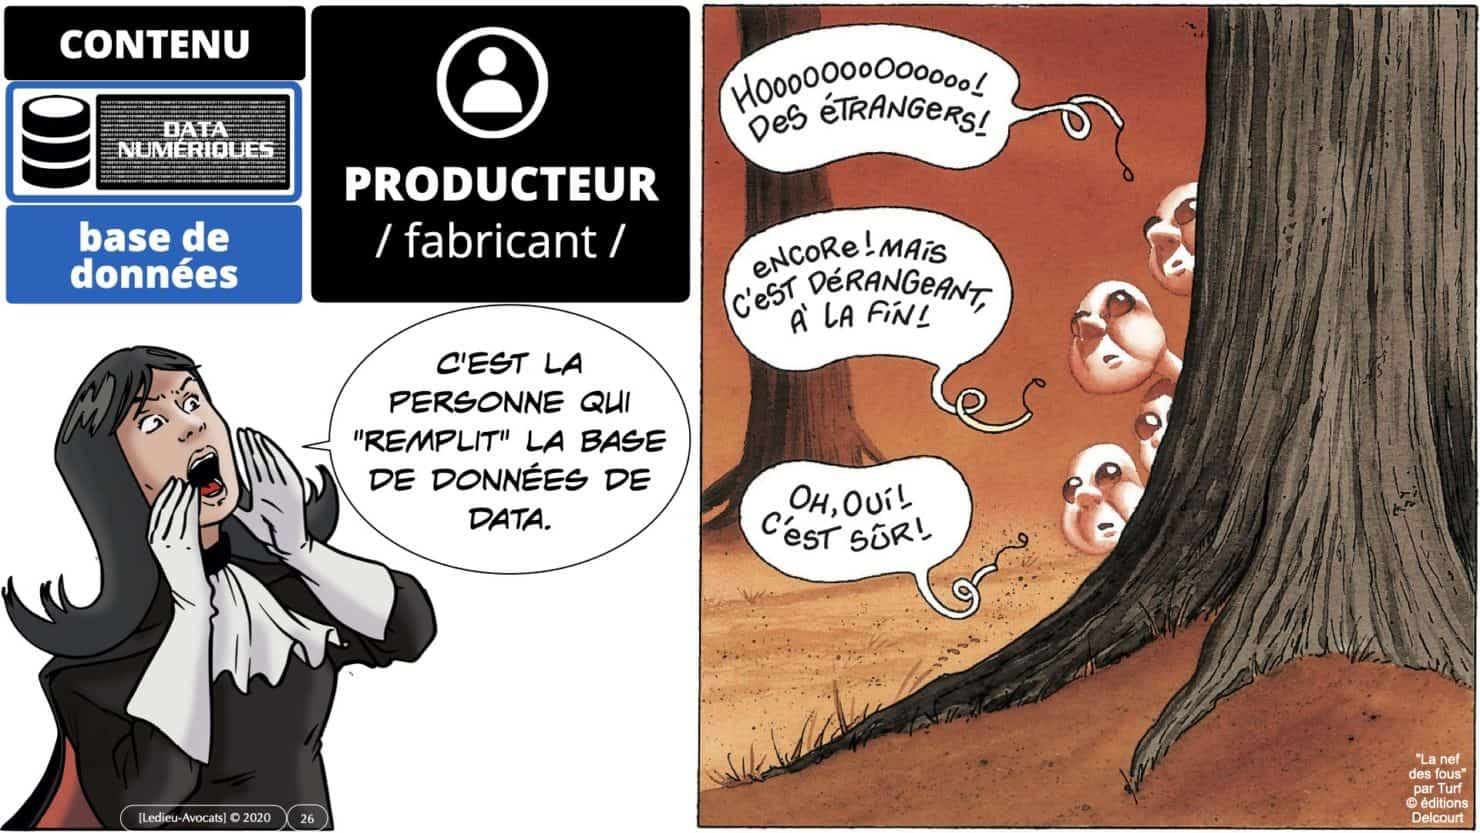 308 #EGE le droit de l'UE des bases de données *16:9* © Ledieu-avocat 21-10-2020.026